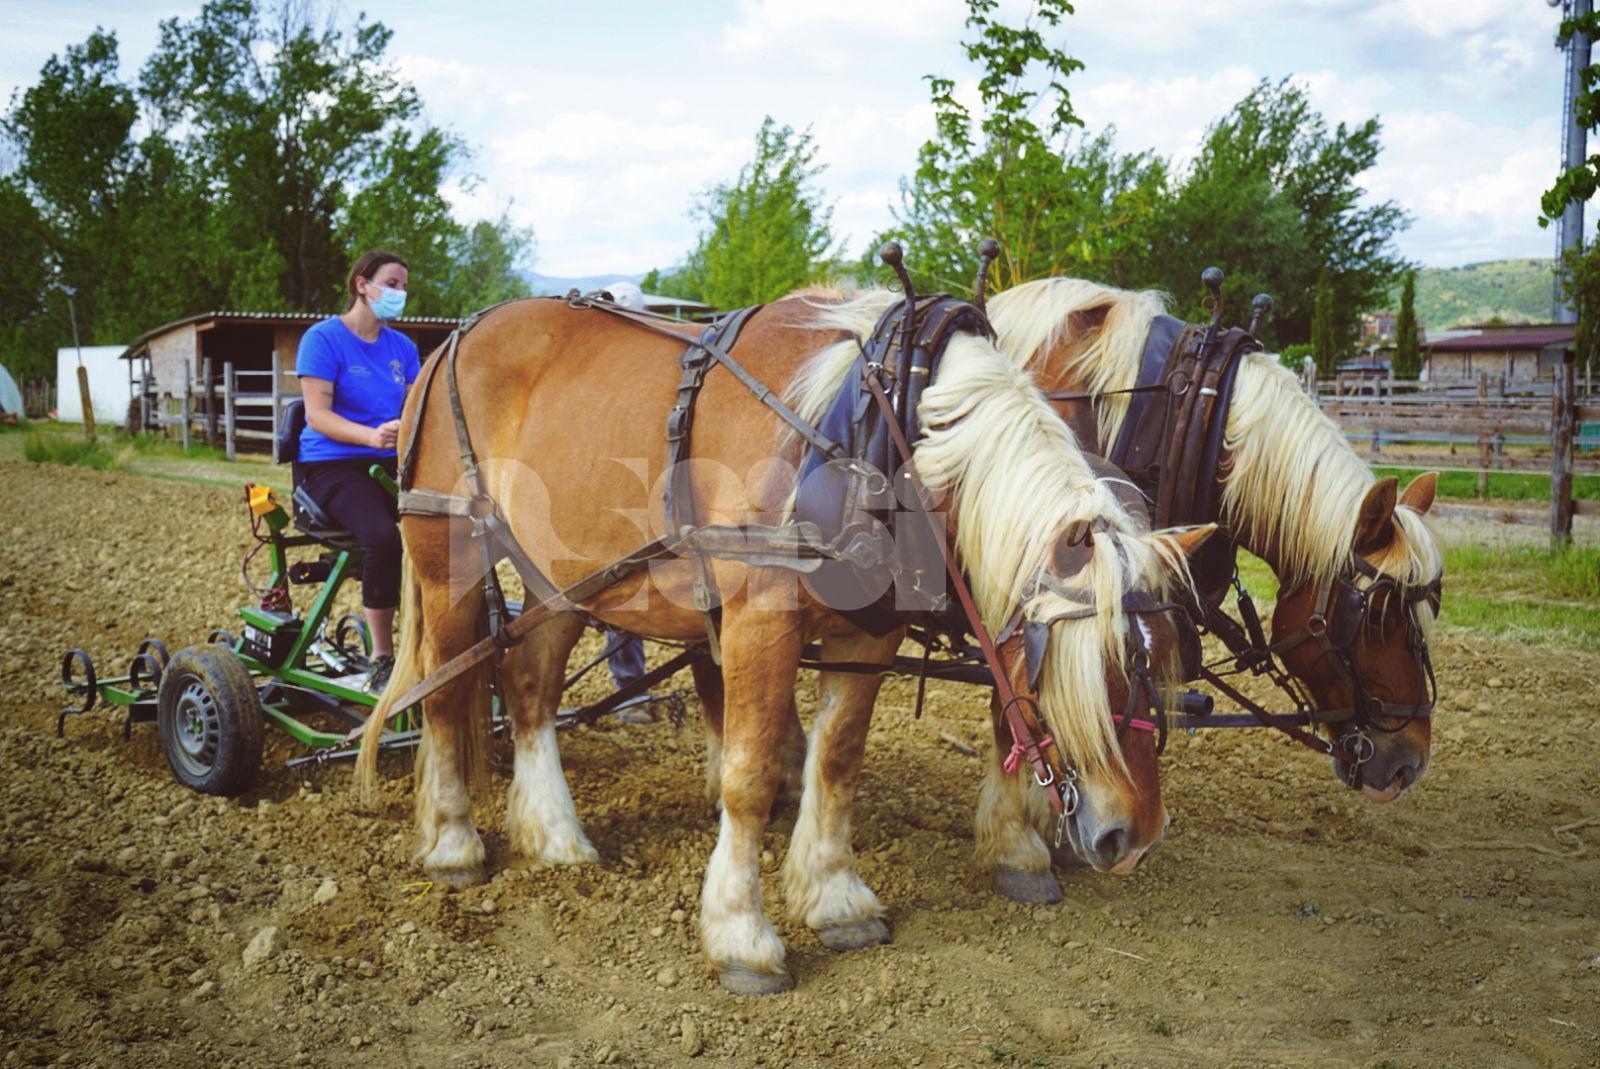 """Cavalli collaboratori, la replica di Eponalia: """"Il benessere degli animali ci sta a cuore"""""""